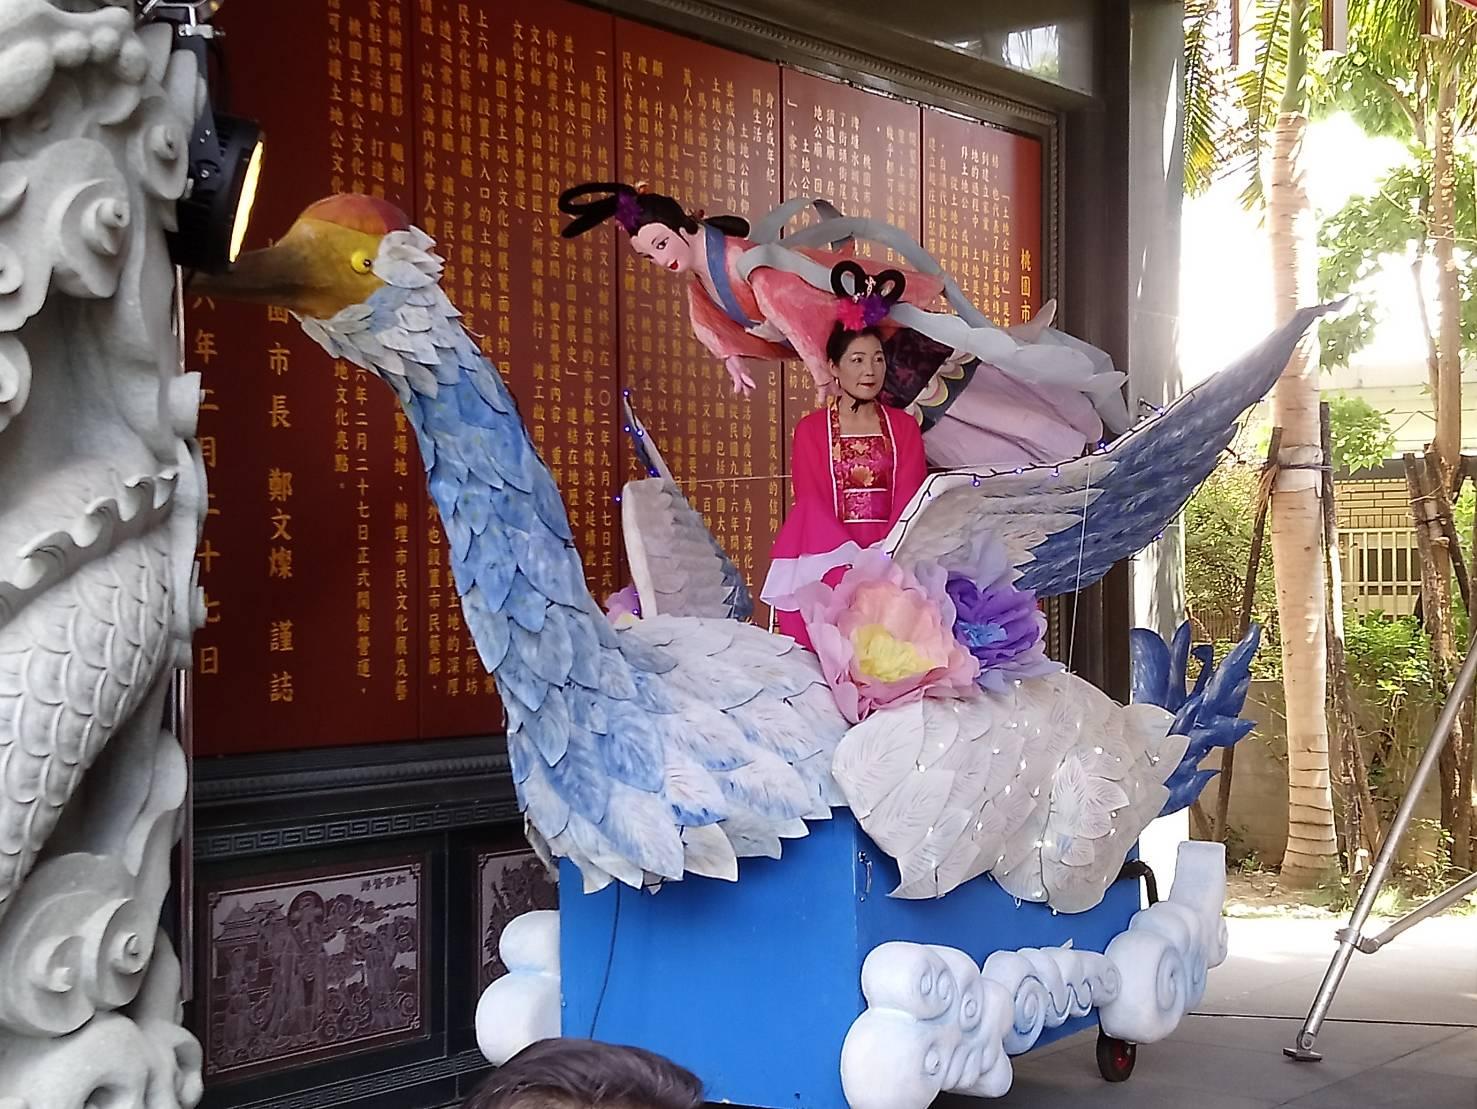 104年桃園市閩南文化節藝閣比賽參賽作品牛郎織女